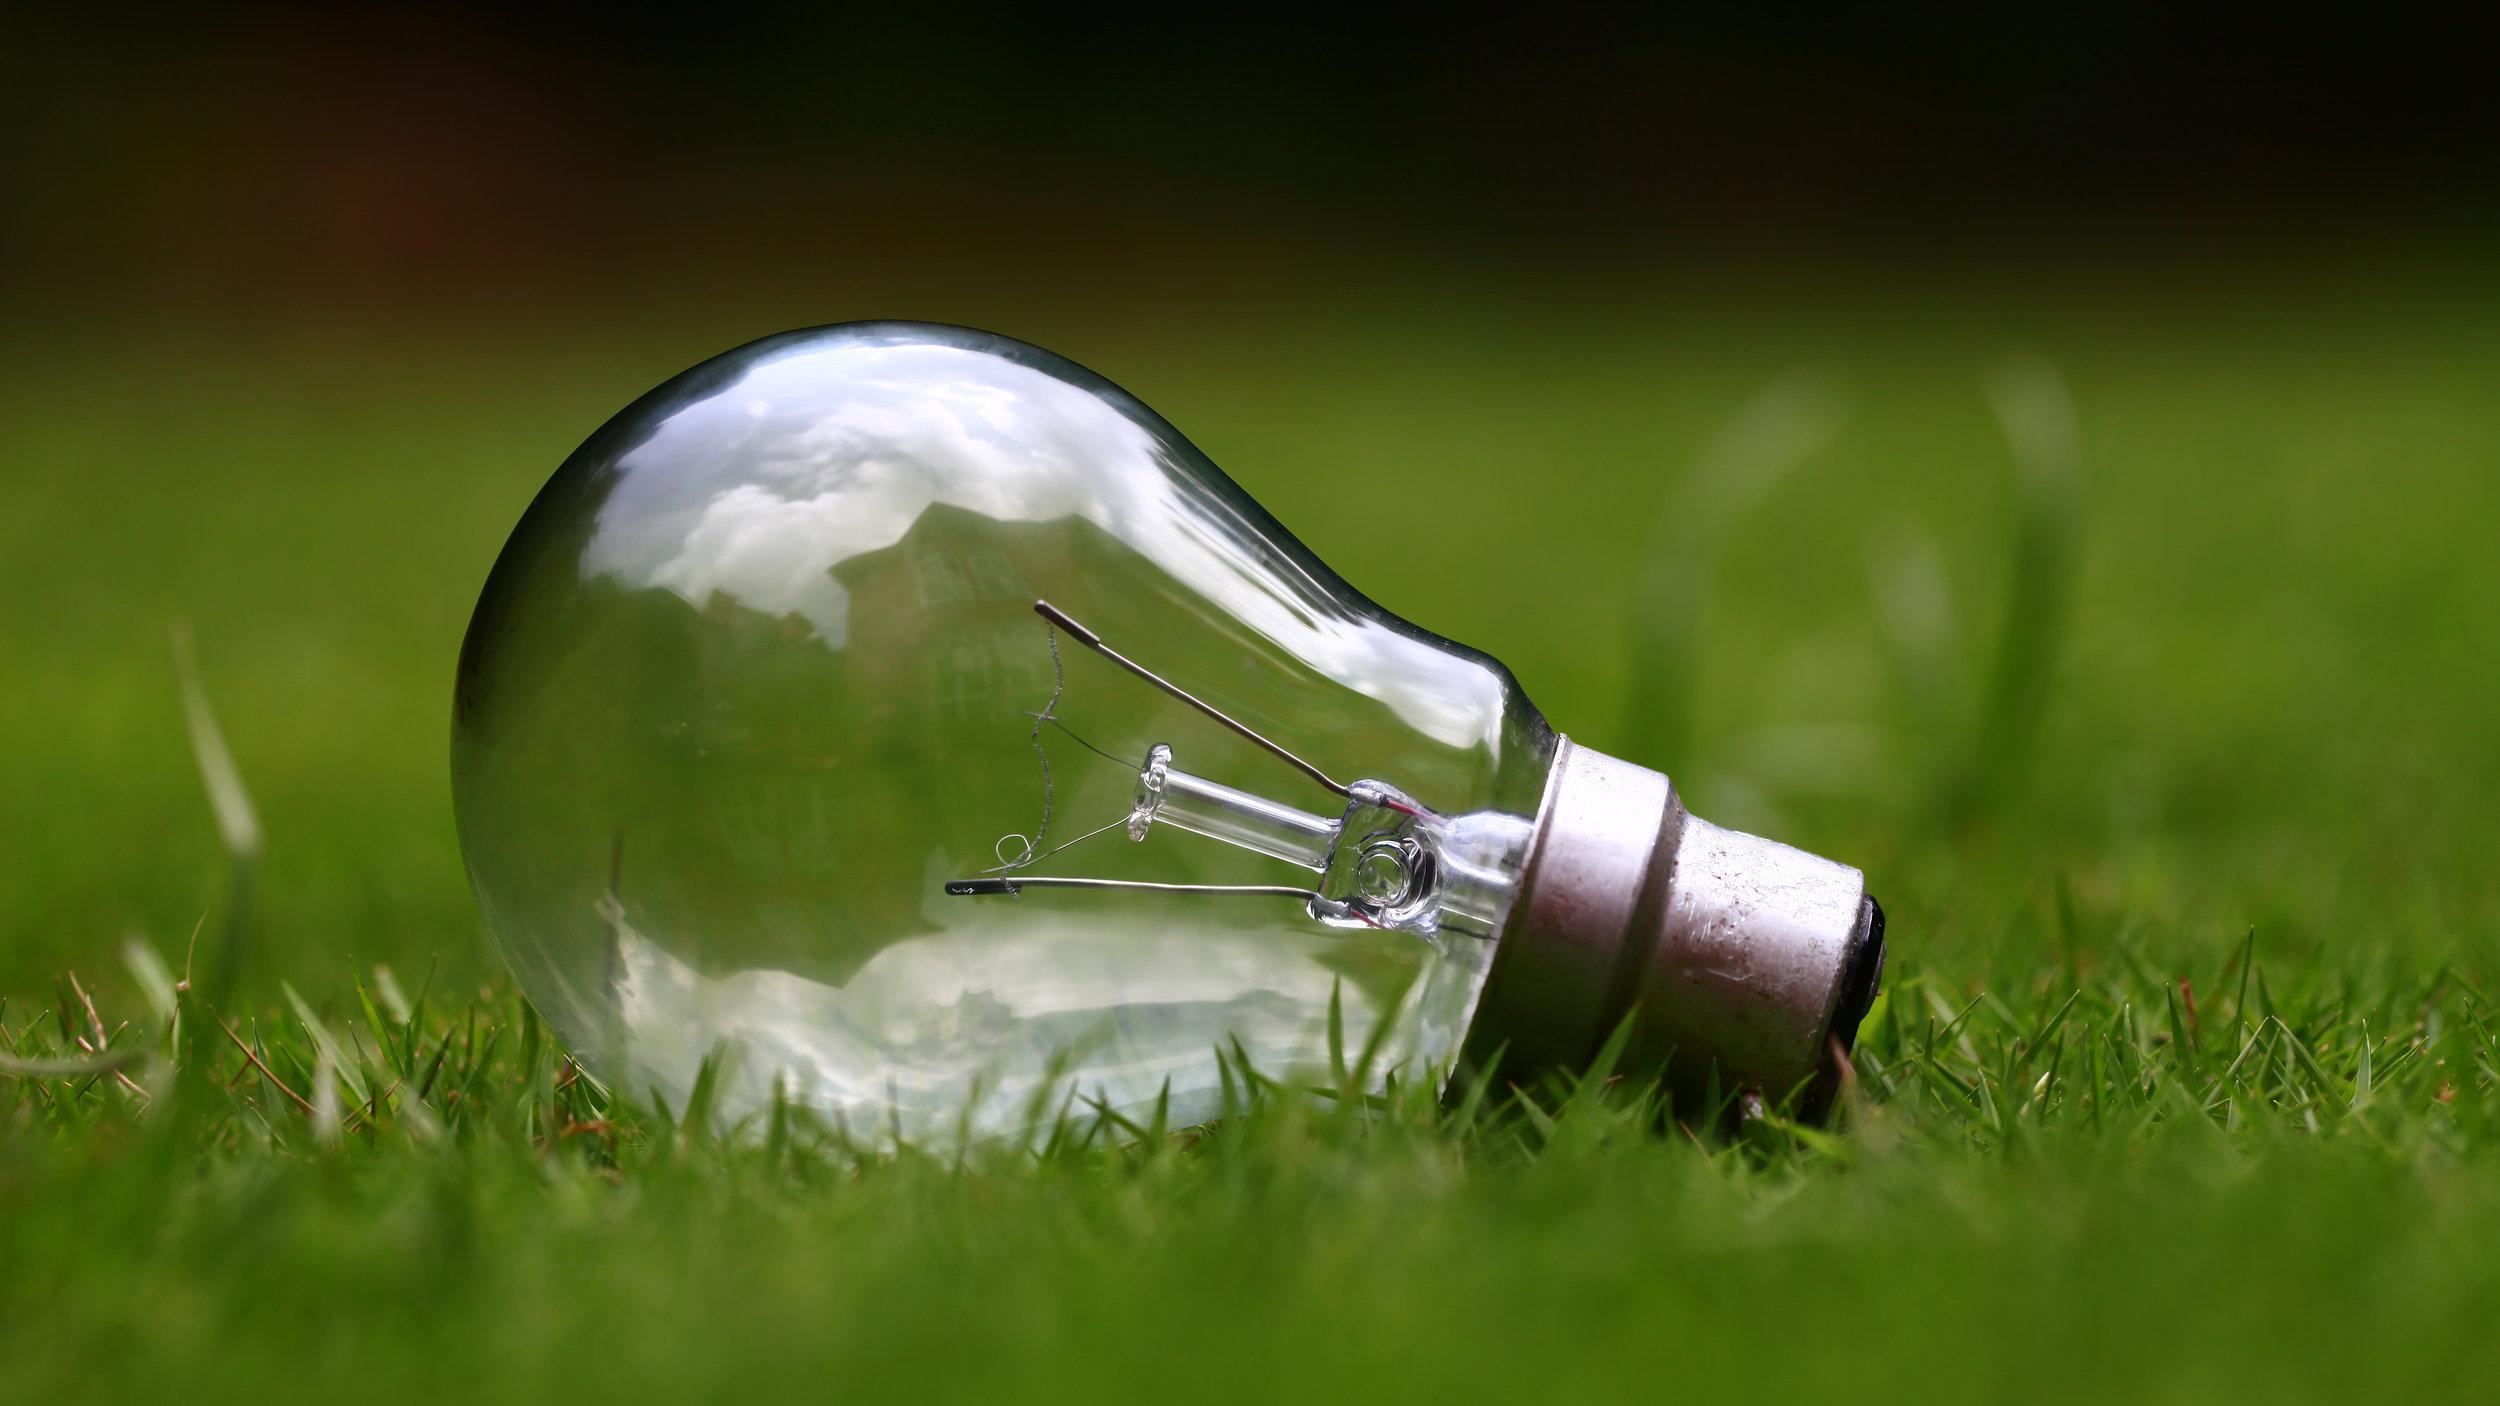 Energiaremontti - Keskitymme energiaremonttien toteutuksissa ensisijaisesti tehokkaimpiin keinoihin, joilla pientalo- tai rivitaloasukas voi säästää asumisen kustannuksissa ja pienentää hiilijalanjälkeään.